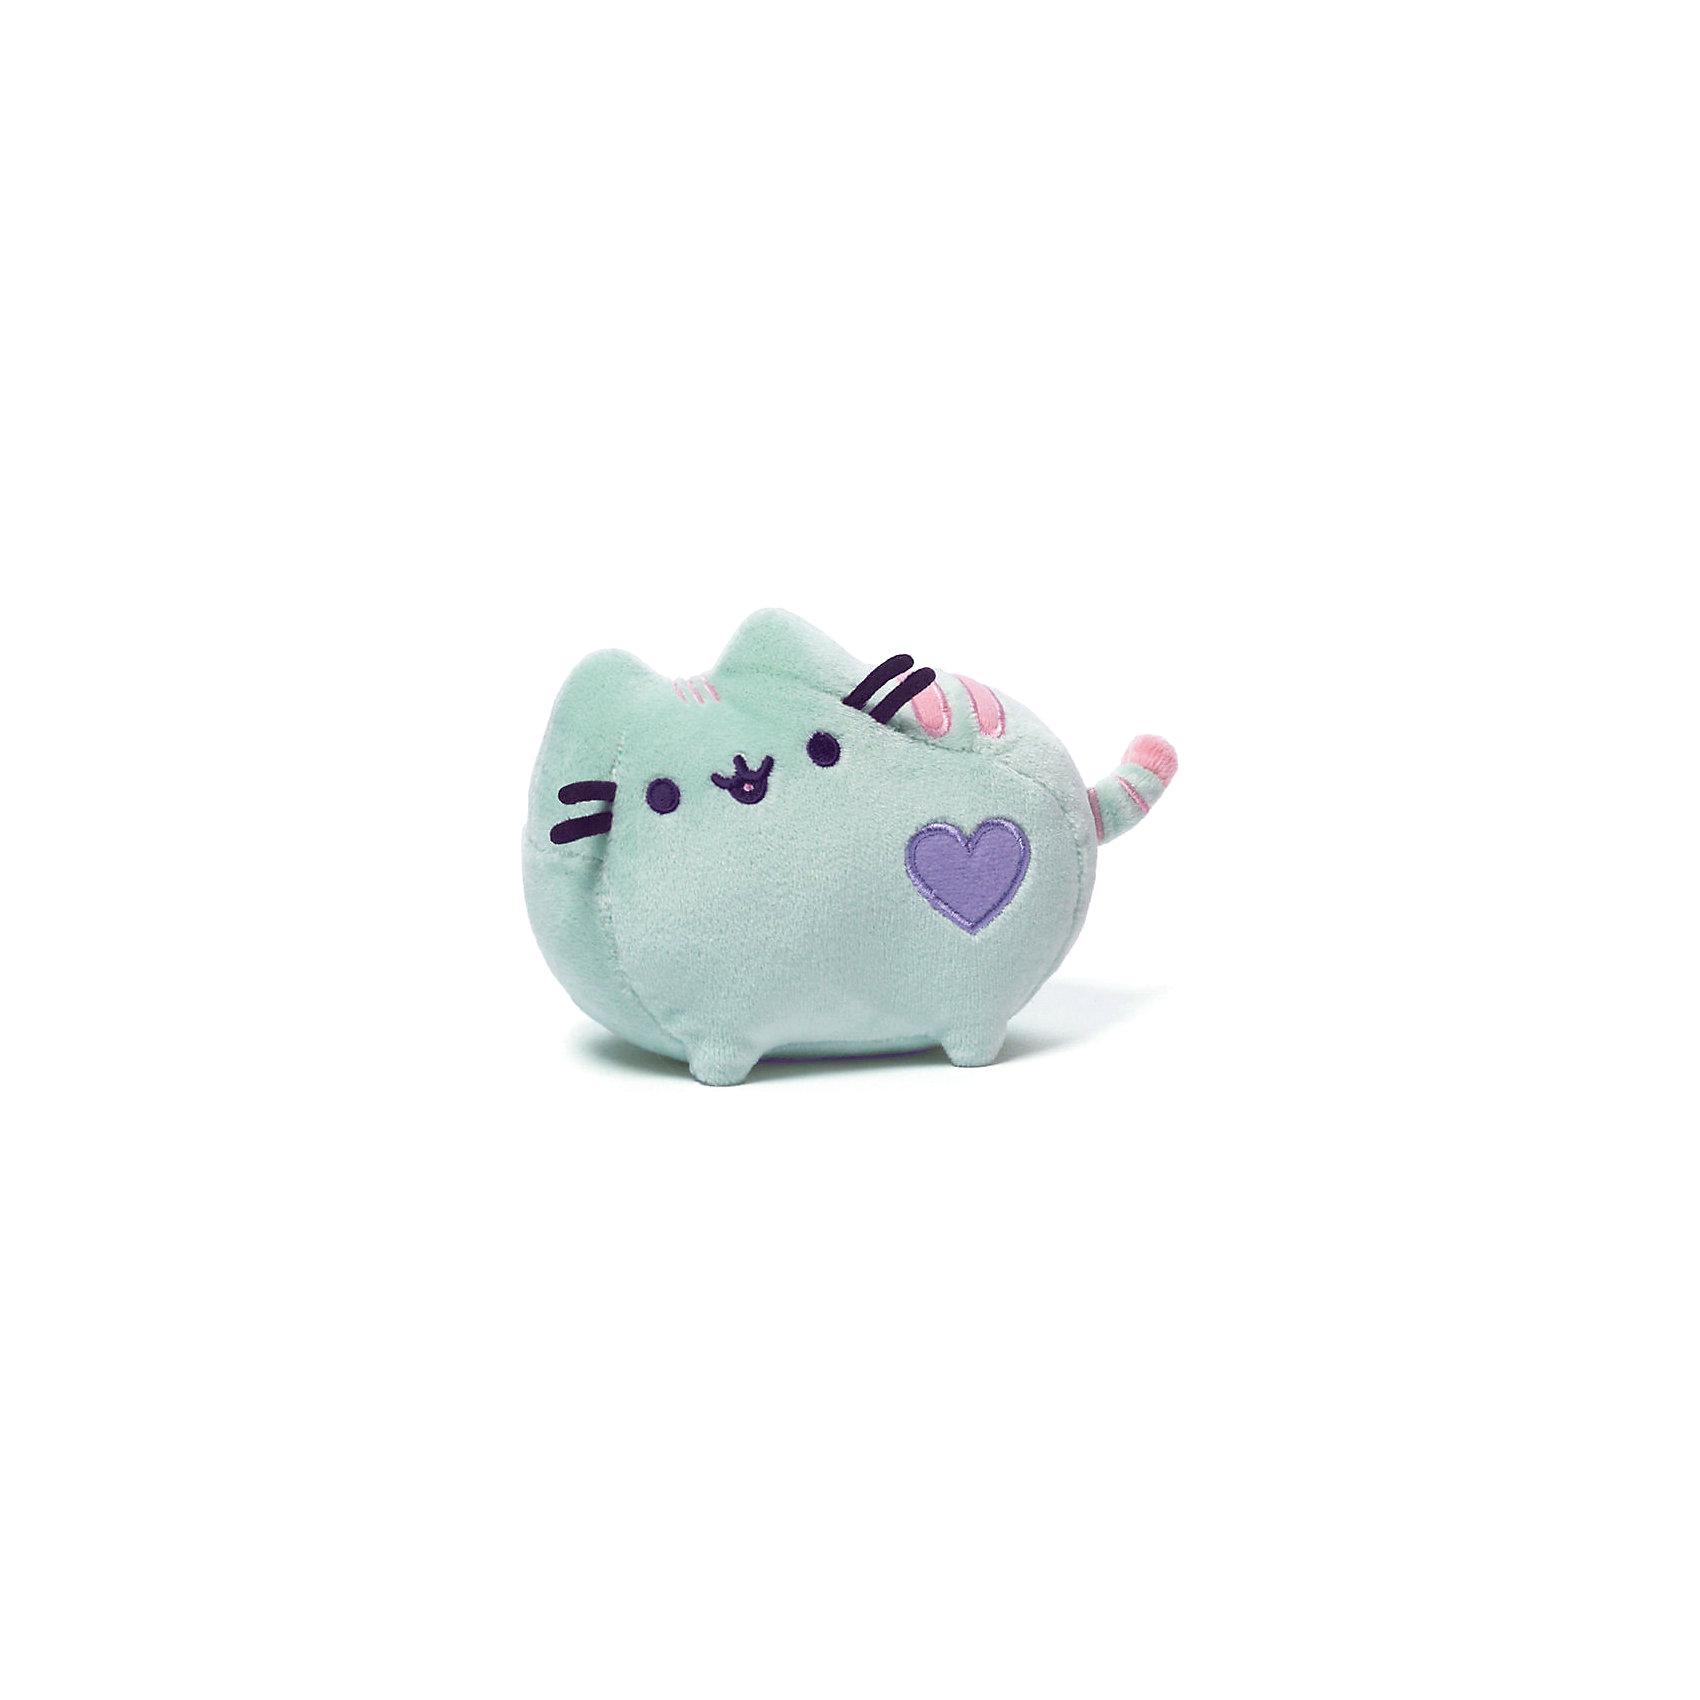 Кошечка Pusheen, 10 см, GundКошечка Pusheen, Gund - чудесная мягкая игрушка, которой будет рада девочка любого возраста. Кошечка приятной мятной расцветки, напоминает по форме подушечку, необыкновенно мягкая и приятная на ощупь. У игрушки забавная мордочка, полосатый хвостик и аппликация-сердечко. Прекрасно смотрится в качестве стильного аксессуара для маленькой модницы. Игрушка аккуратно сшита и отличается высоким качеством исполнения.<br><br>Дополнительная информация:<br><br>- Материал: плюш.<br>- Размер игрушки: 10 см.<br>- Общие габариты: 11 x 7 x 10,5 см.<br>- Вес: 0,15 кг. <br><br>Кошечку Pusheen, 10 см., Gund, можно купить в нашем интернет-магазине.<br><br>Ширина мм: 110<br>Глубина мм: 70<br>Высота мм: 105<br>Вес г: 150<br>Возраст от месяцев: 36<br>Возраст до месяцев: 1188<br>Пол: Женский<br>Возраст: Детский<br>SKU: 4241905